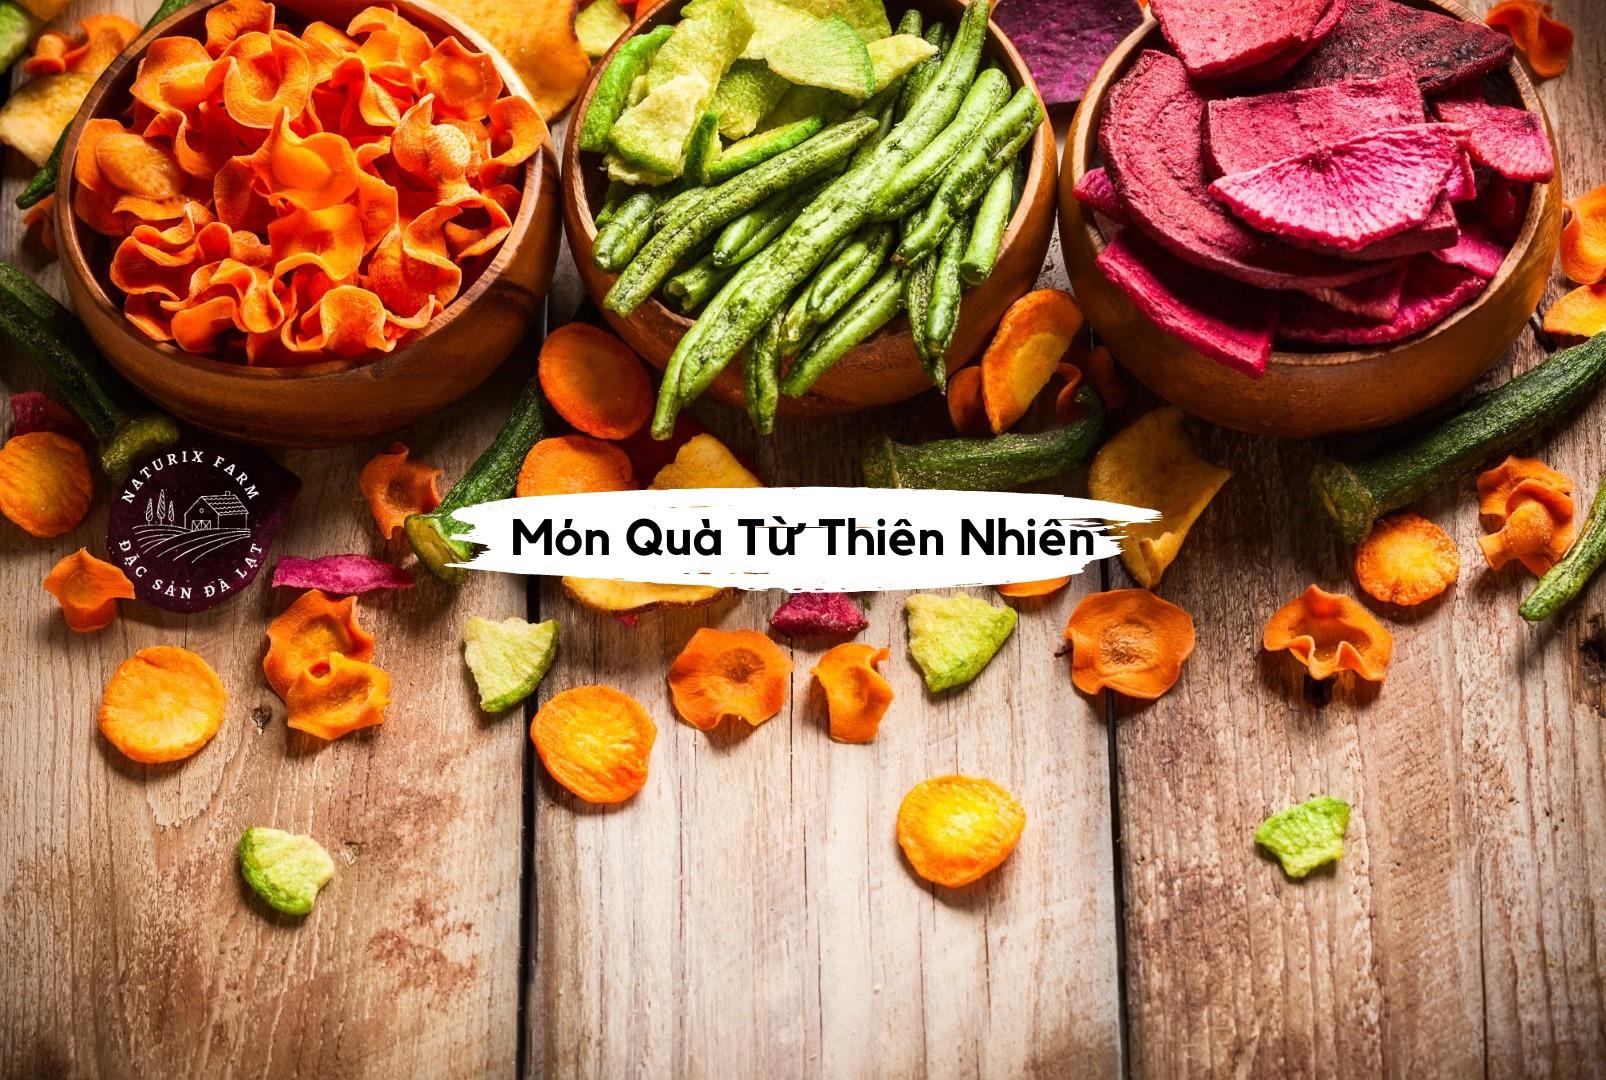 Naturix Farm - Đặc sản Đà ạt (@naturixfarm) Cover Image